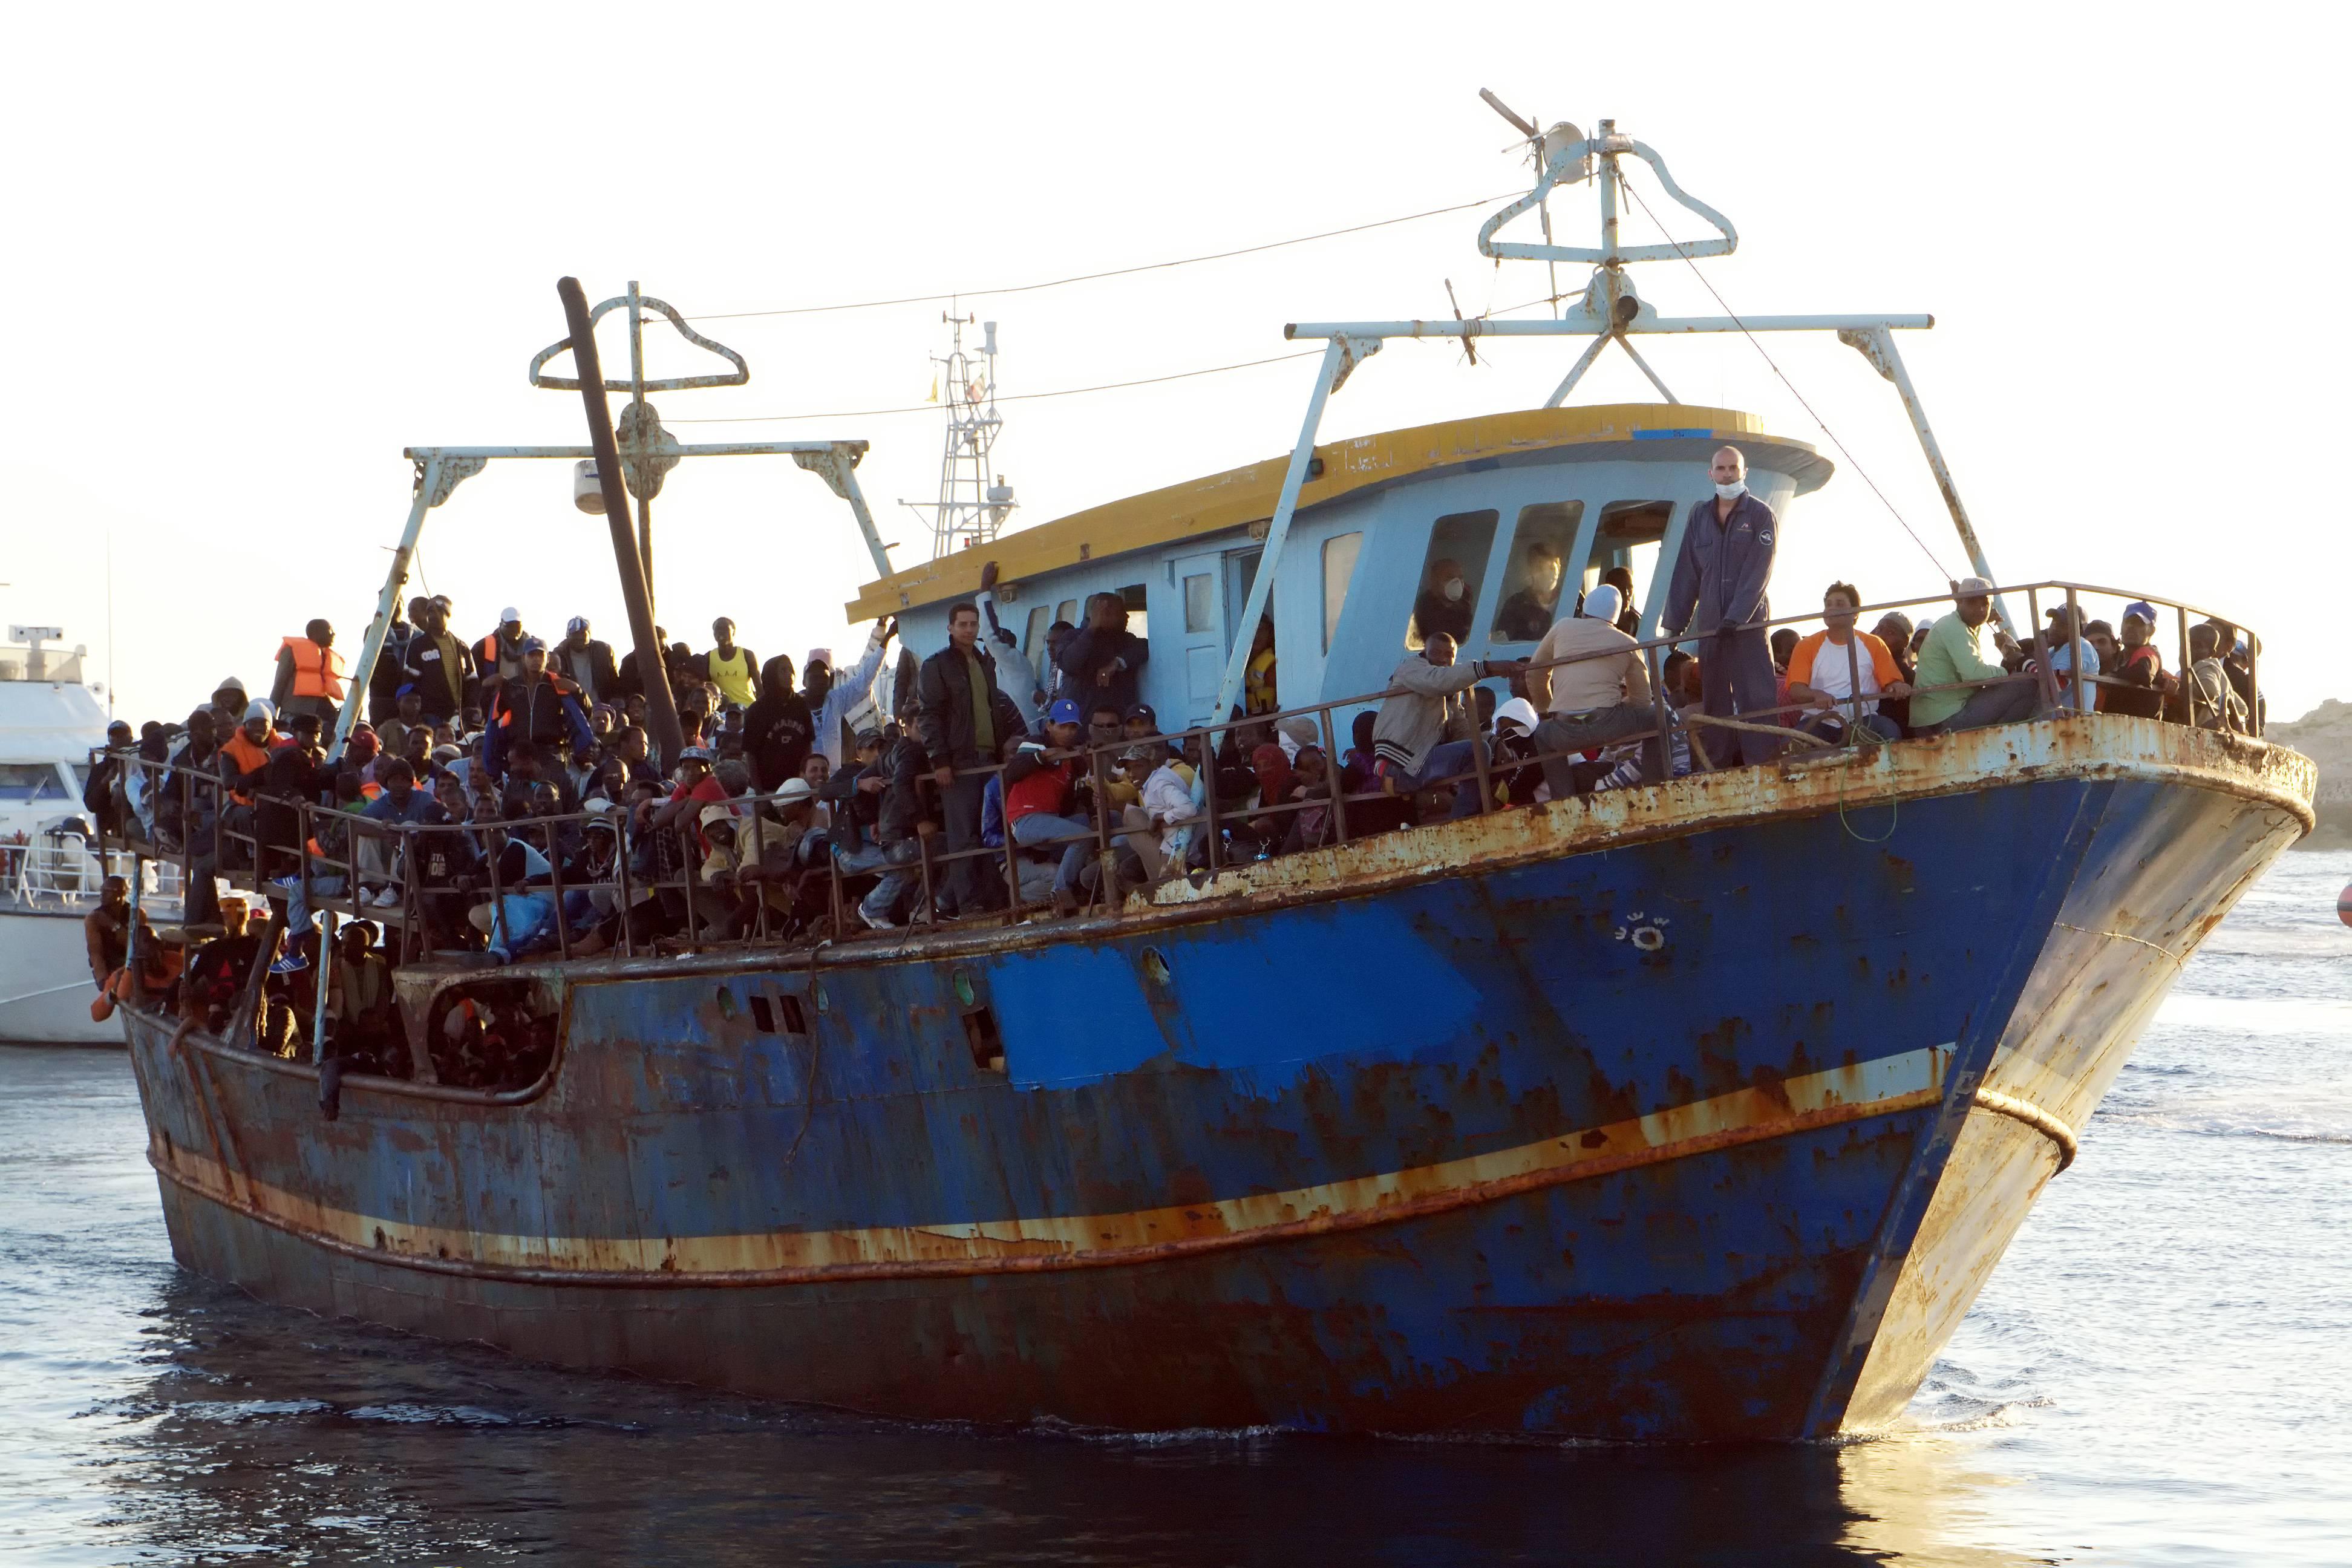 Storie d'integrazione: sbarcati a Lampedusa e salvati dallo sport. Il caso raccontato da Repubblica